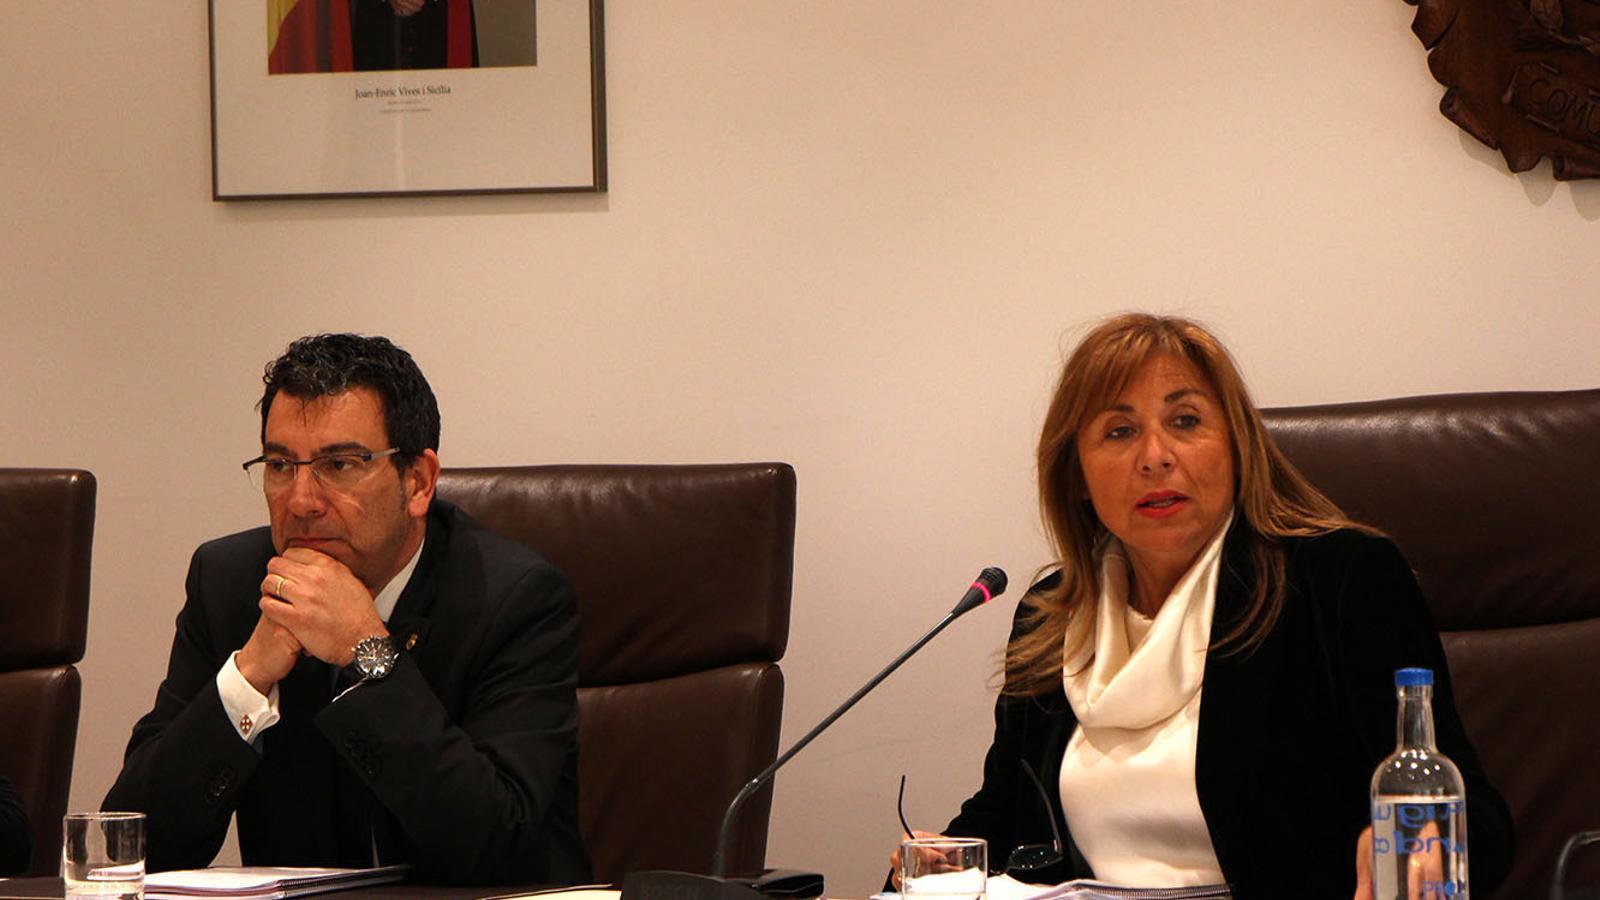 Els cònsols major i menor d'Andorra la Vella, Conxita Marsol i Miquel Canturri, durant la sessió de consell de comú celebrada aquest dimecres. / M. F. (ANA)